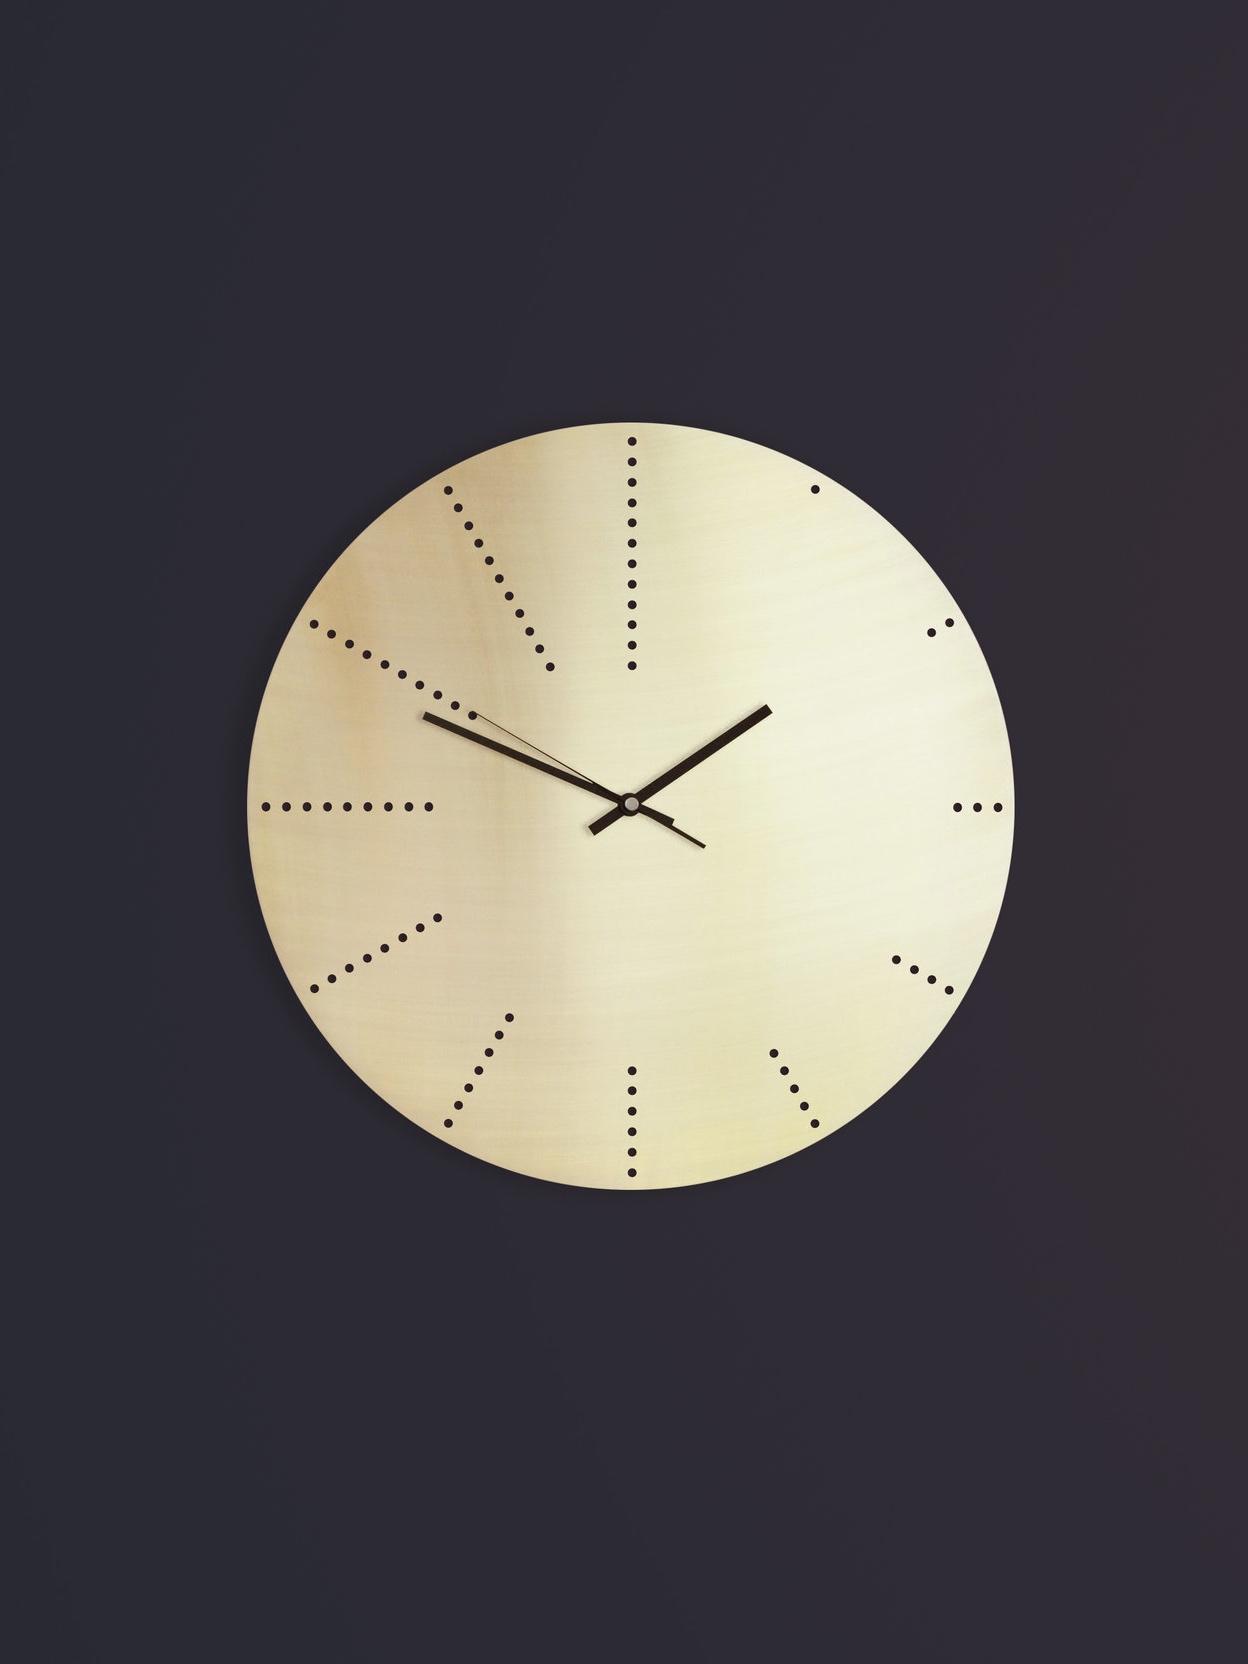 Punkte+Uhr+2.jpg